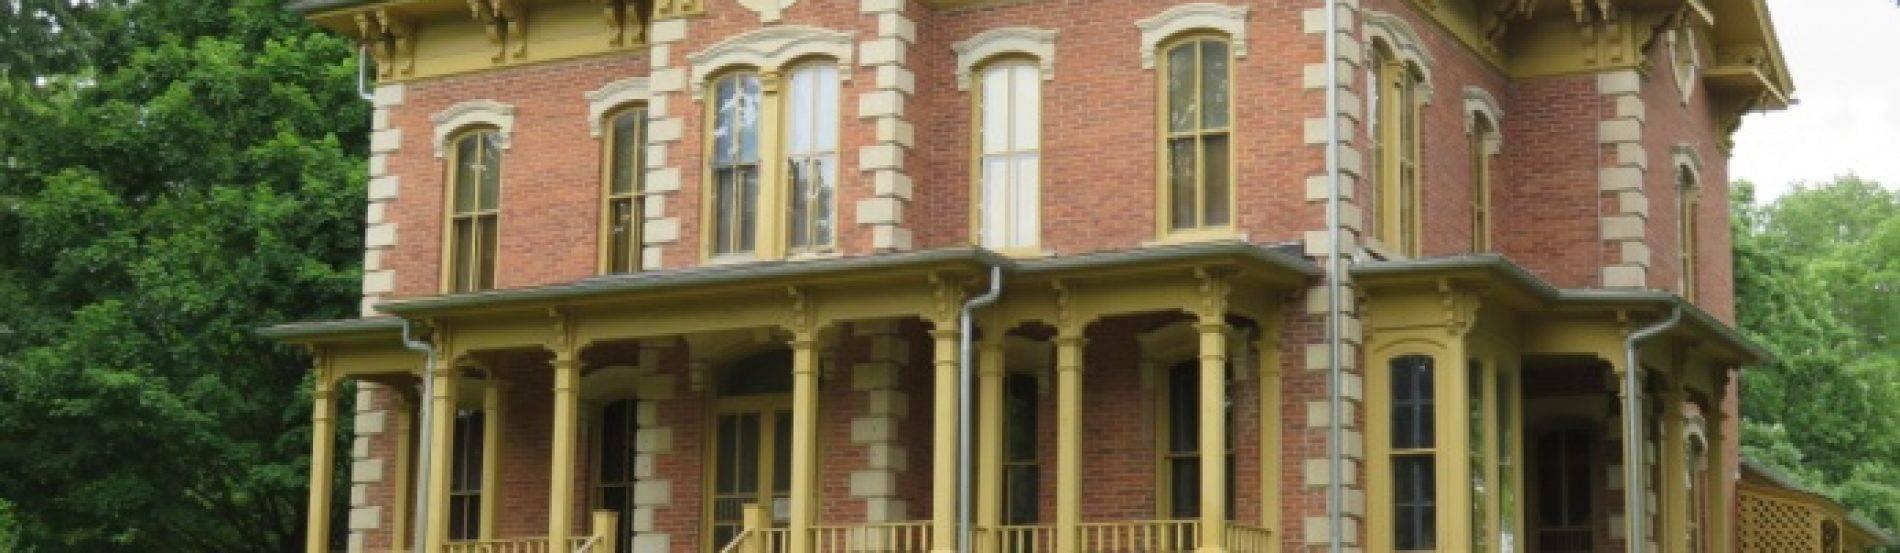 Flynn mansion in spring